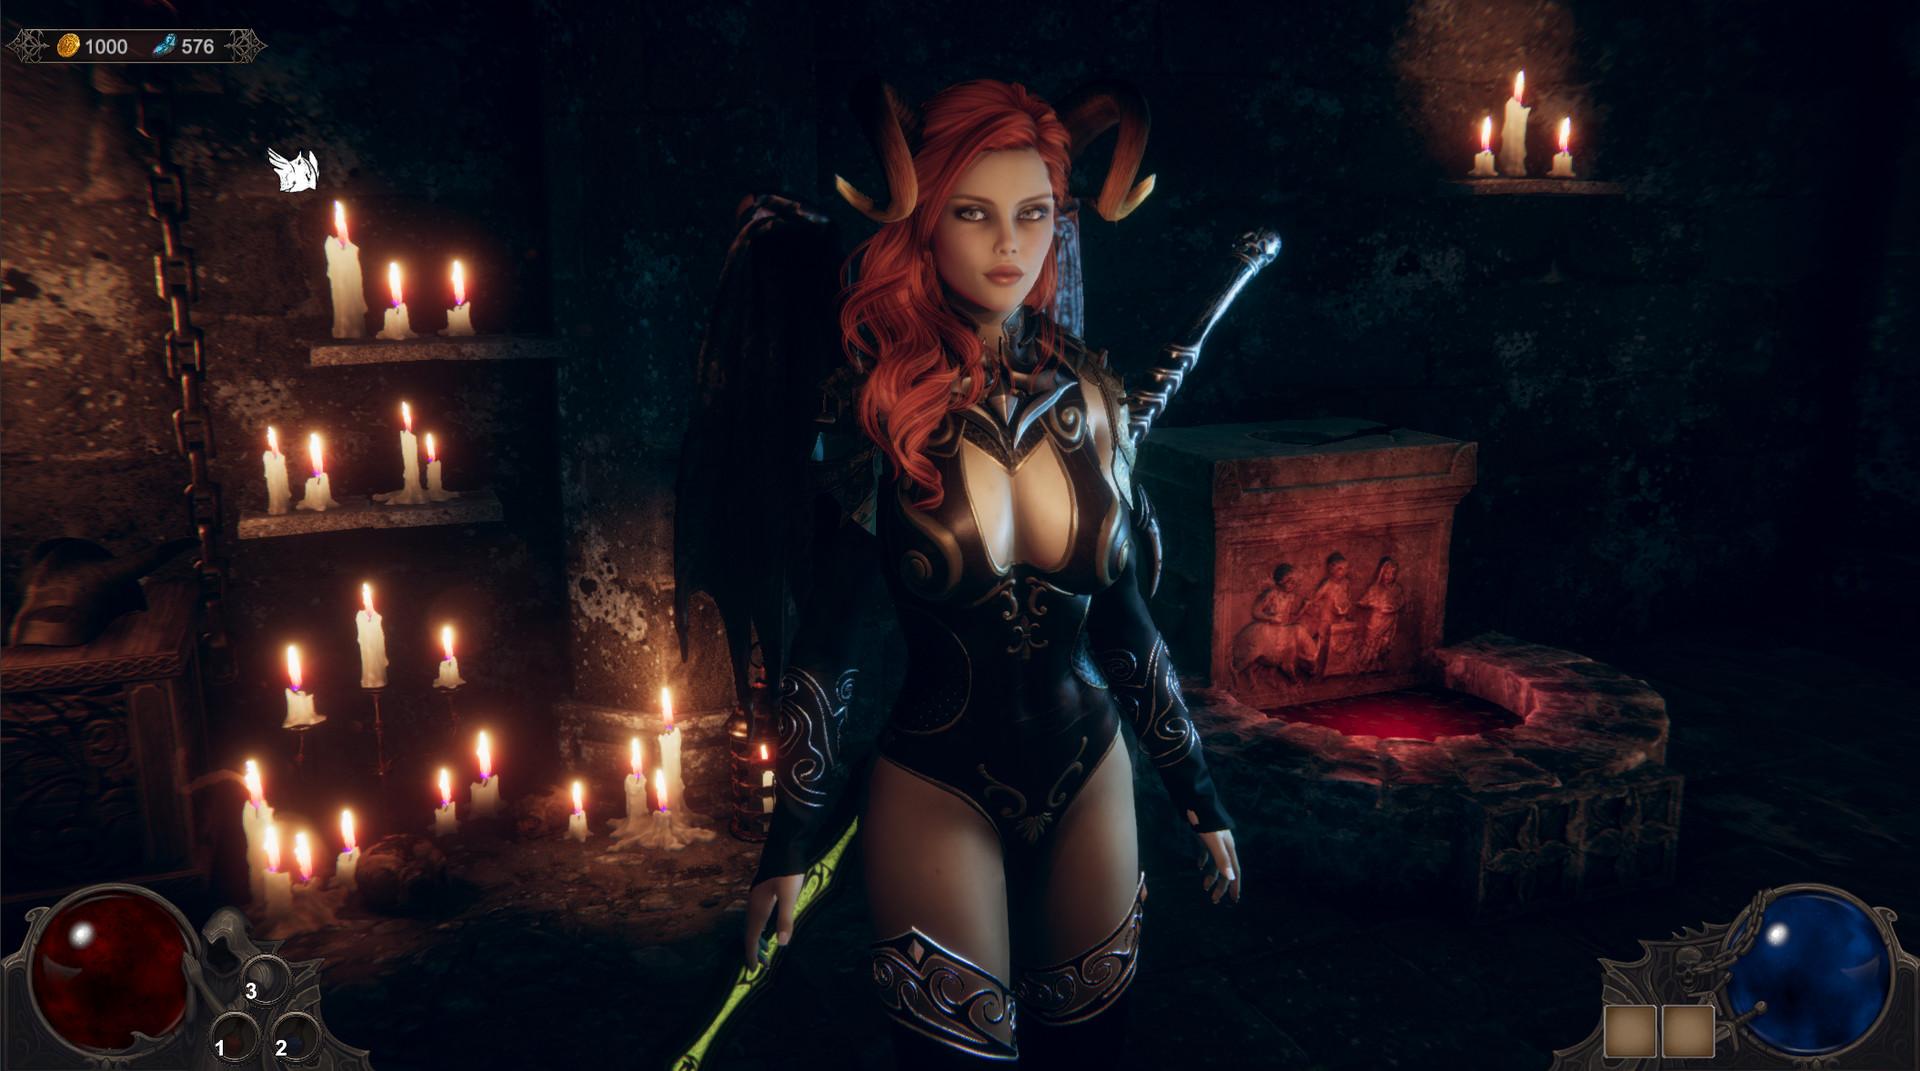 《惩戒:魅魔》发布大型更新 自定义玩法全面大修